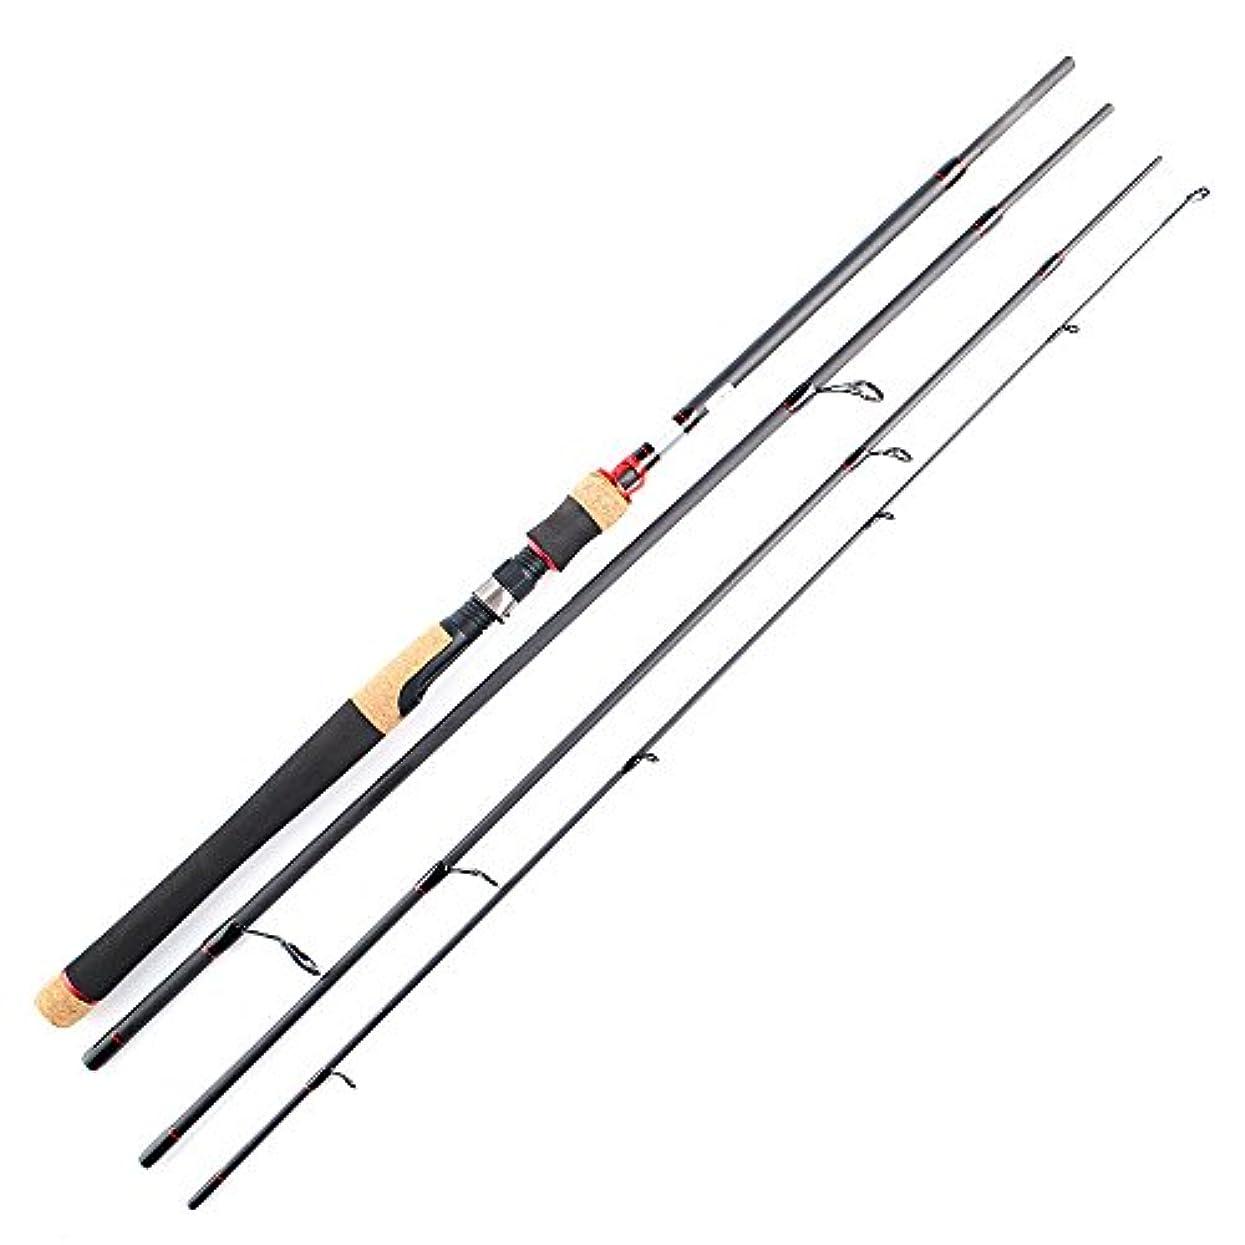 直面するキャベツチラチラする釣り ロッド 釣り竿釣り竿釣り用品池リバーサイドに適した炭素鋼棒 (サイズ : 2.4m)